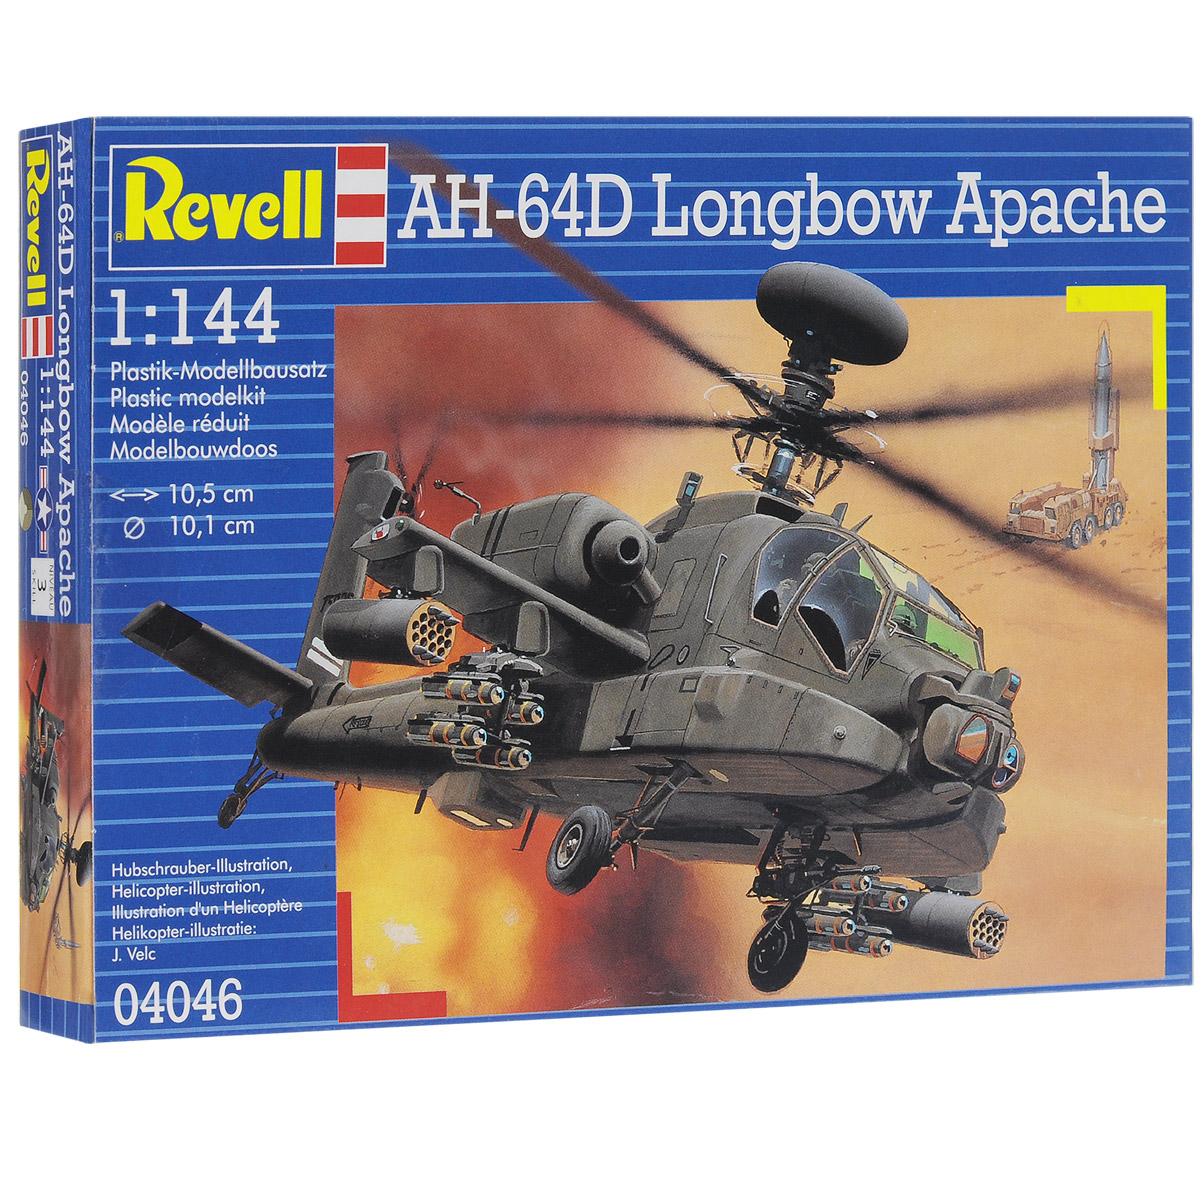 ������� ������ Revell �������� AH-64D longbow Apache - Revell04046������� ������ Revell �������� AH-64D longbow Apache ������� ��� � ������ ������� ��������� ������������� ������� �� ������ �����. ����� �������� � ���� 79 ����������� ���������, �� ������� ����� ������� ����������� ����������� ����� ������������ ���������. �������� AH-64D longbow Apache ��� ���������� � 1975 ���� ��� ������ ������ ��������������� AH-1 �����. C 1984 ���� AH-64D ���� �������� ���������� ����� ���. ���������� ������ ������� �� 30-�� �����, 14 ��������������� ����� � 4 ��������� � �������������� ��������. � ������ ������ ��� ��������. � 1989 ���� �������� ������� ����������� � ������� ���������. ������ �������� ��������� ���������� � ���� ������������� ��������� � ������. ����� ������ ����������� �� ����� ���� � ������� � ����� � ���������. � 2001 ���� AH-64D ������� ����������� � ���� � �����������. ����� � ������ ����������� ���������� �� ������. ������� ������ ��������� ���������������� � ���������������� �����������, ����������� �...